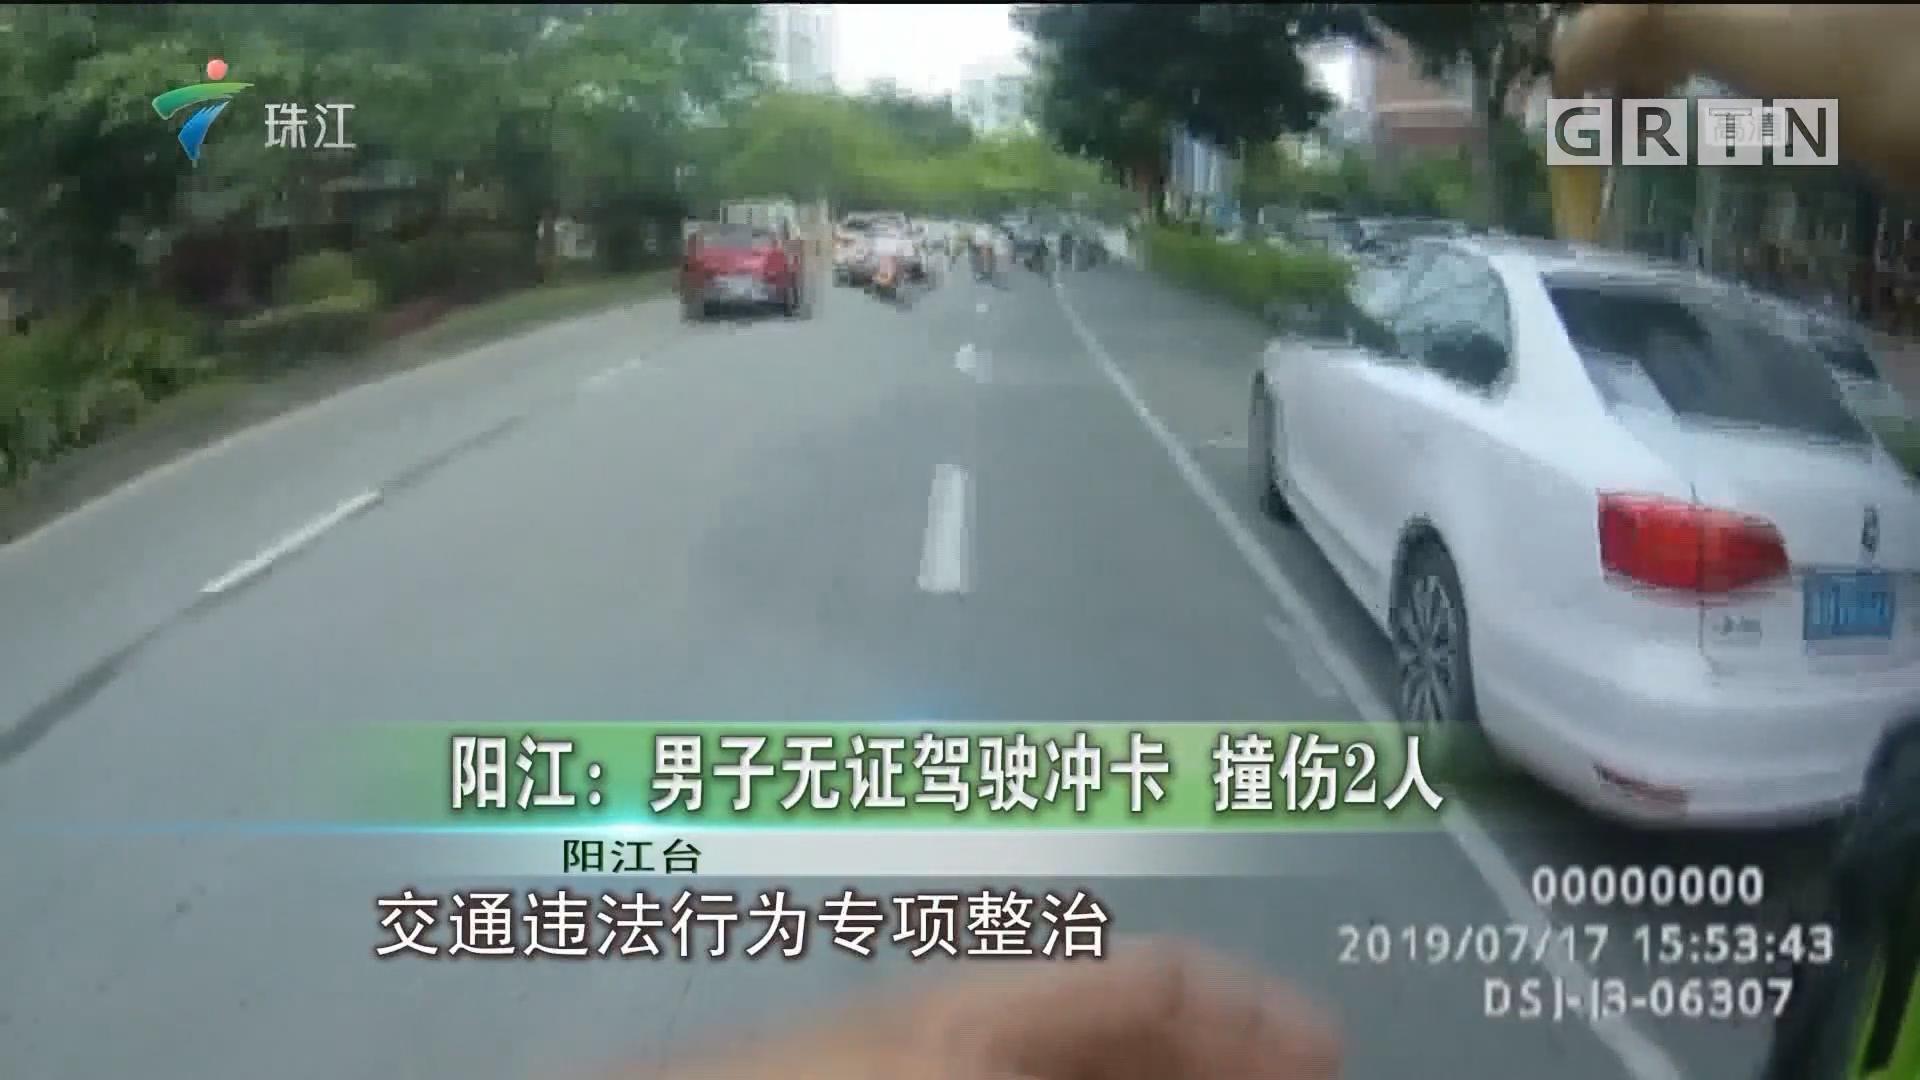 阳江:男子无证驾驶冲卡 撞伤2人